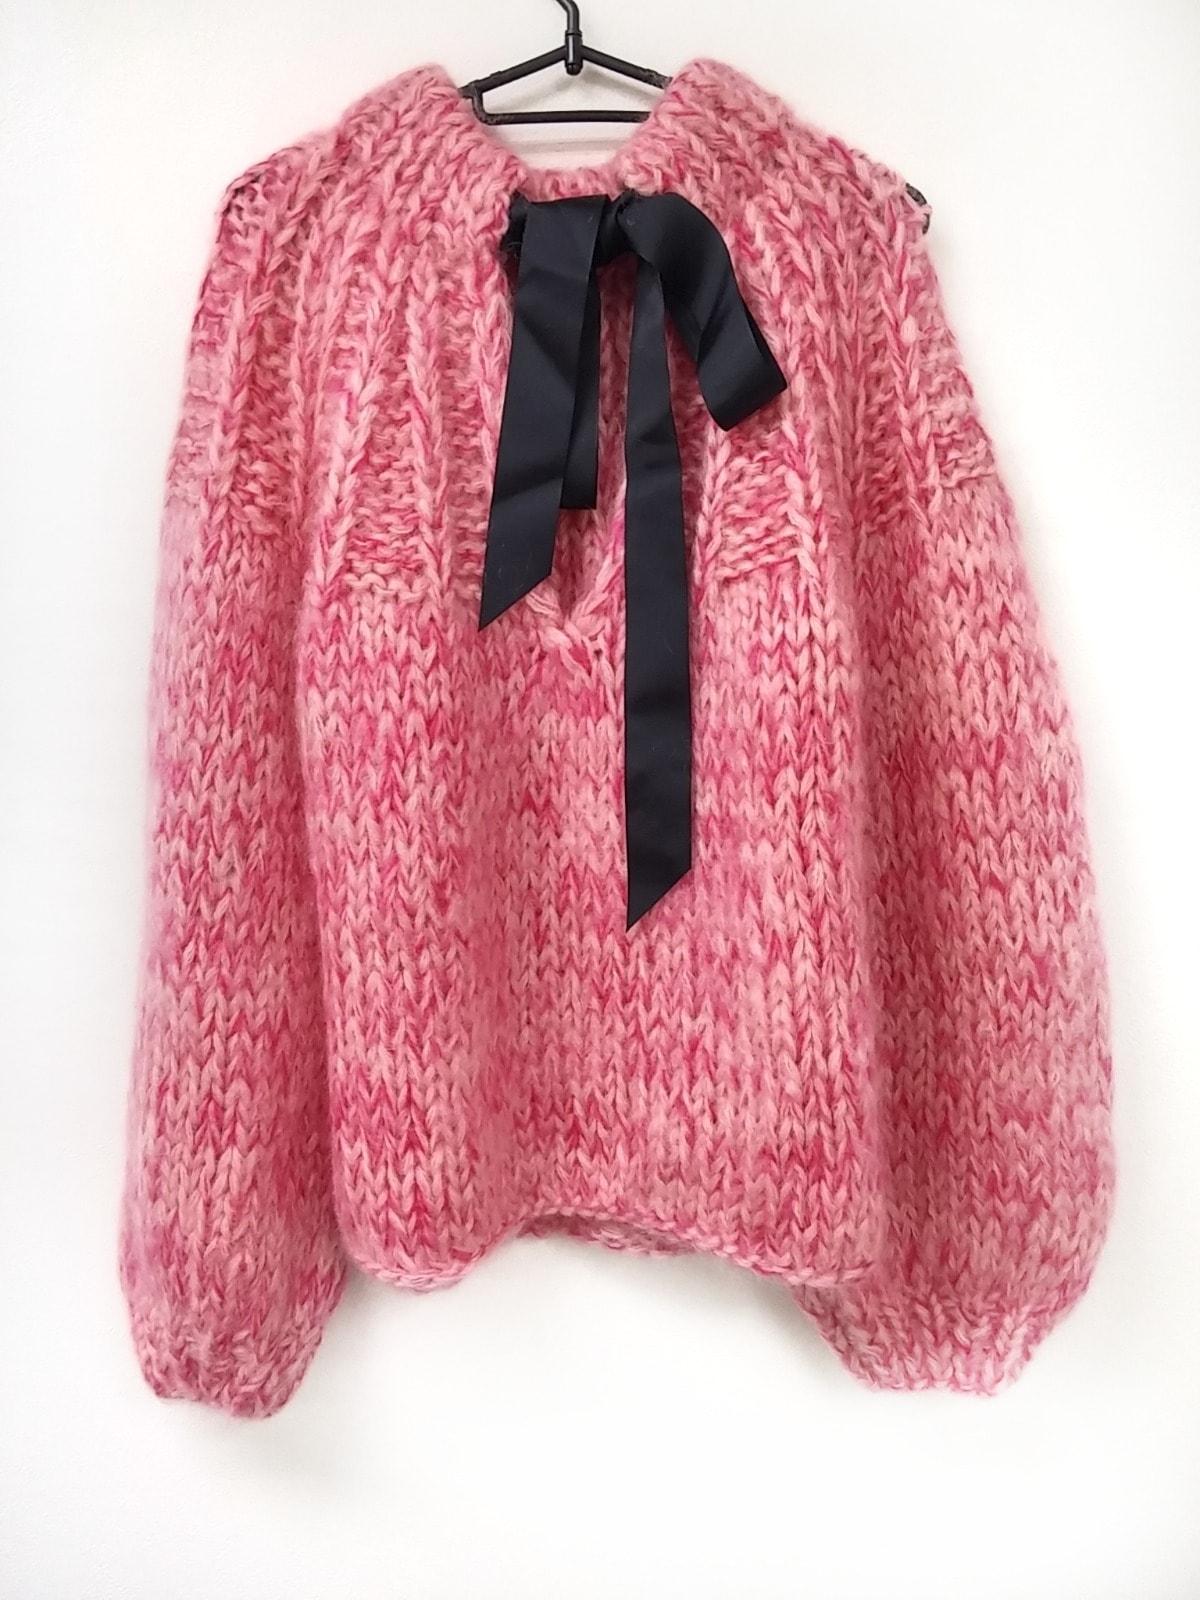 GANNI(ガニー)のセーター